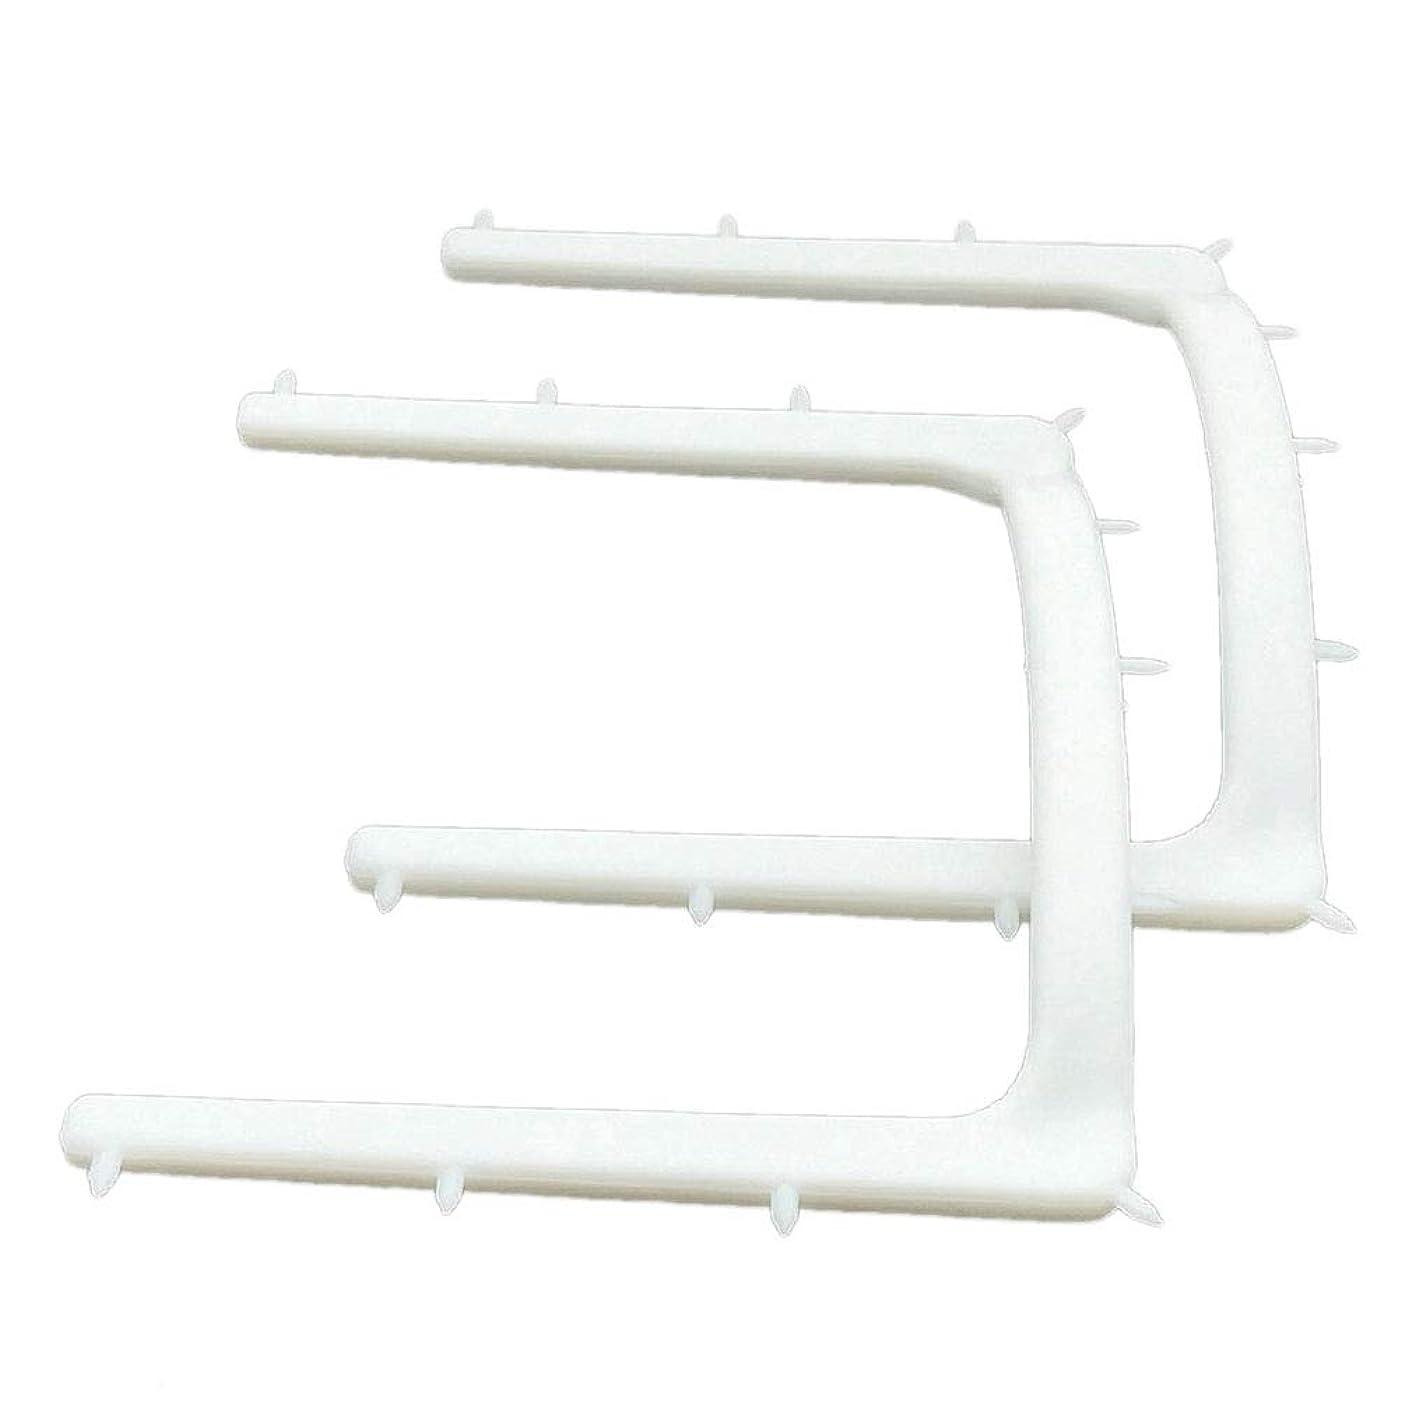 上級規則性純正Healifty 10ピース歯科ゴム製ダムフレームホルダー器具使い捨てオートクレーブゴムバリアブラケット